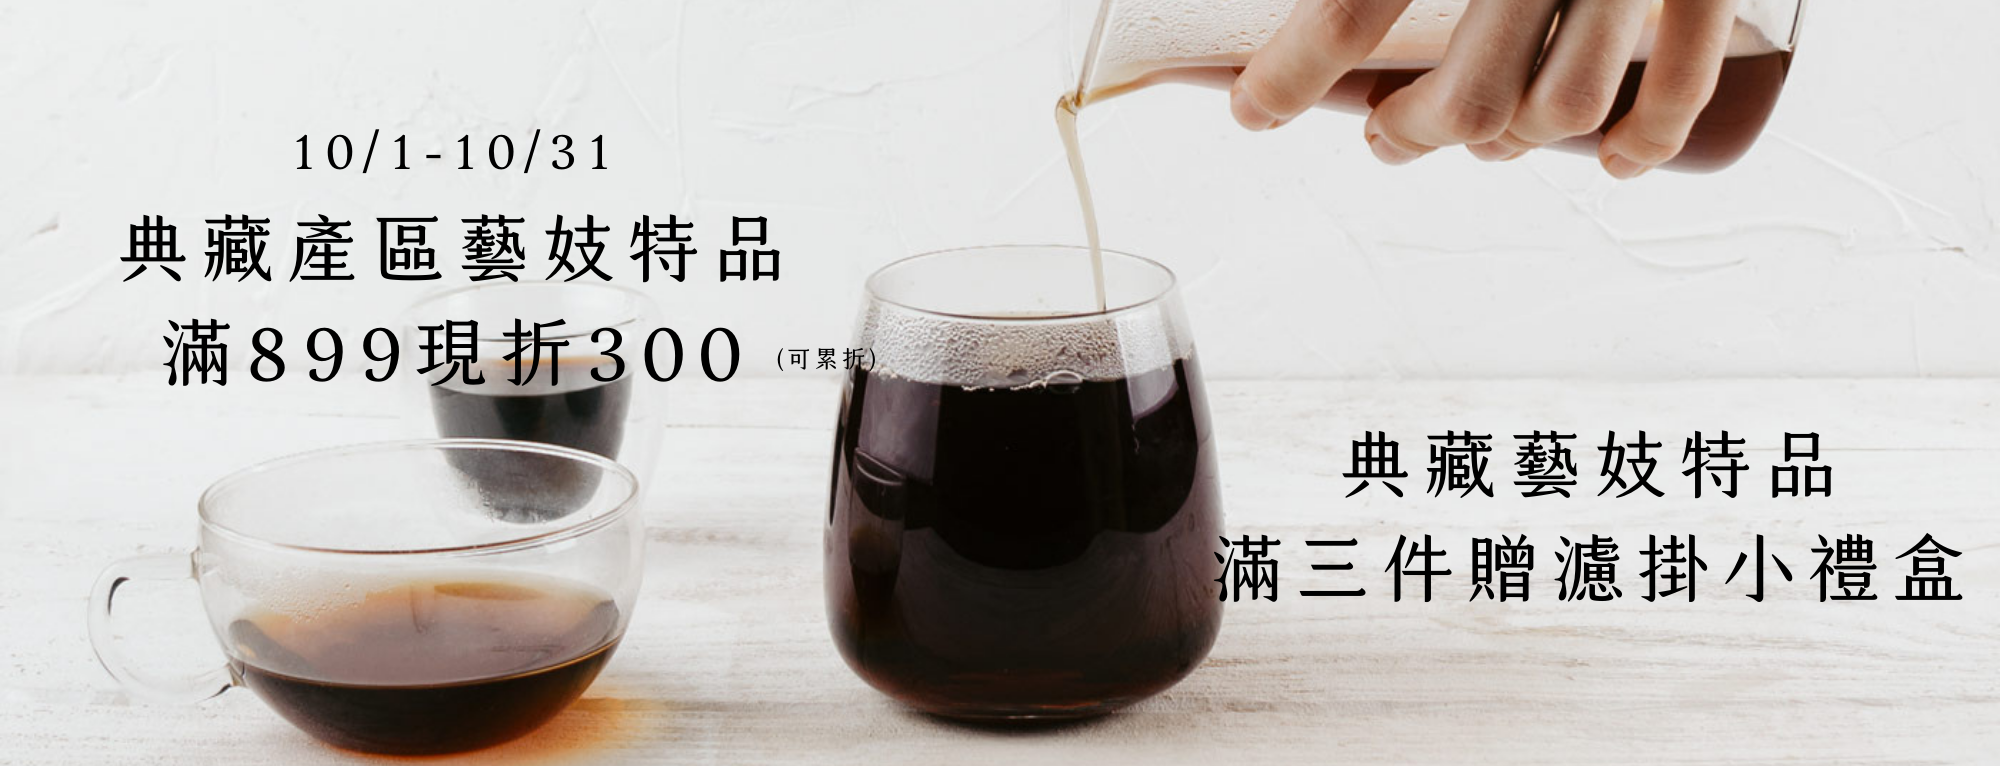 咖啡豆滿899現折300